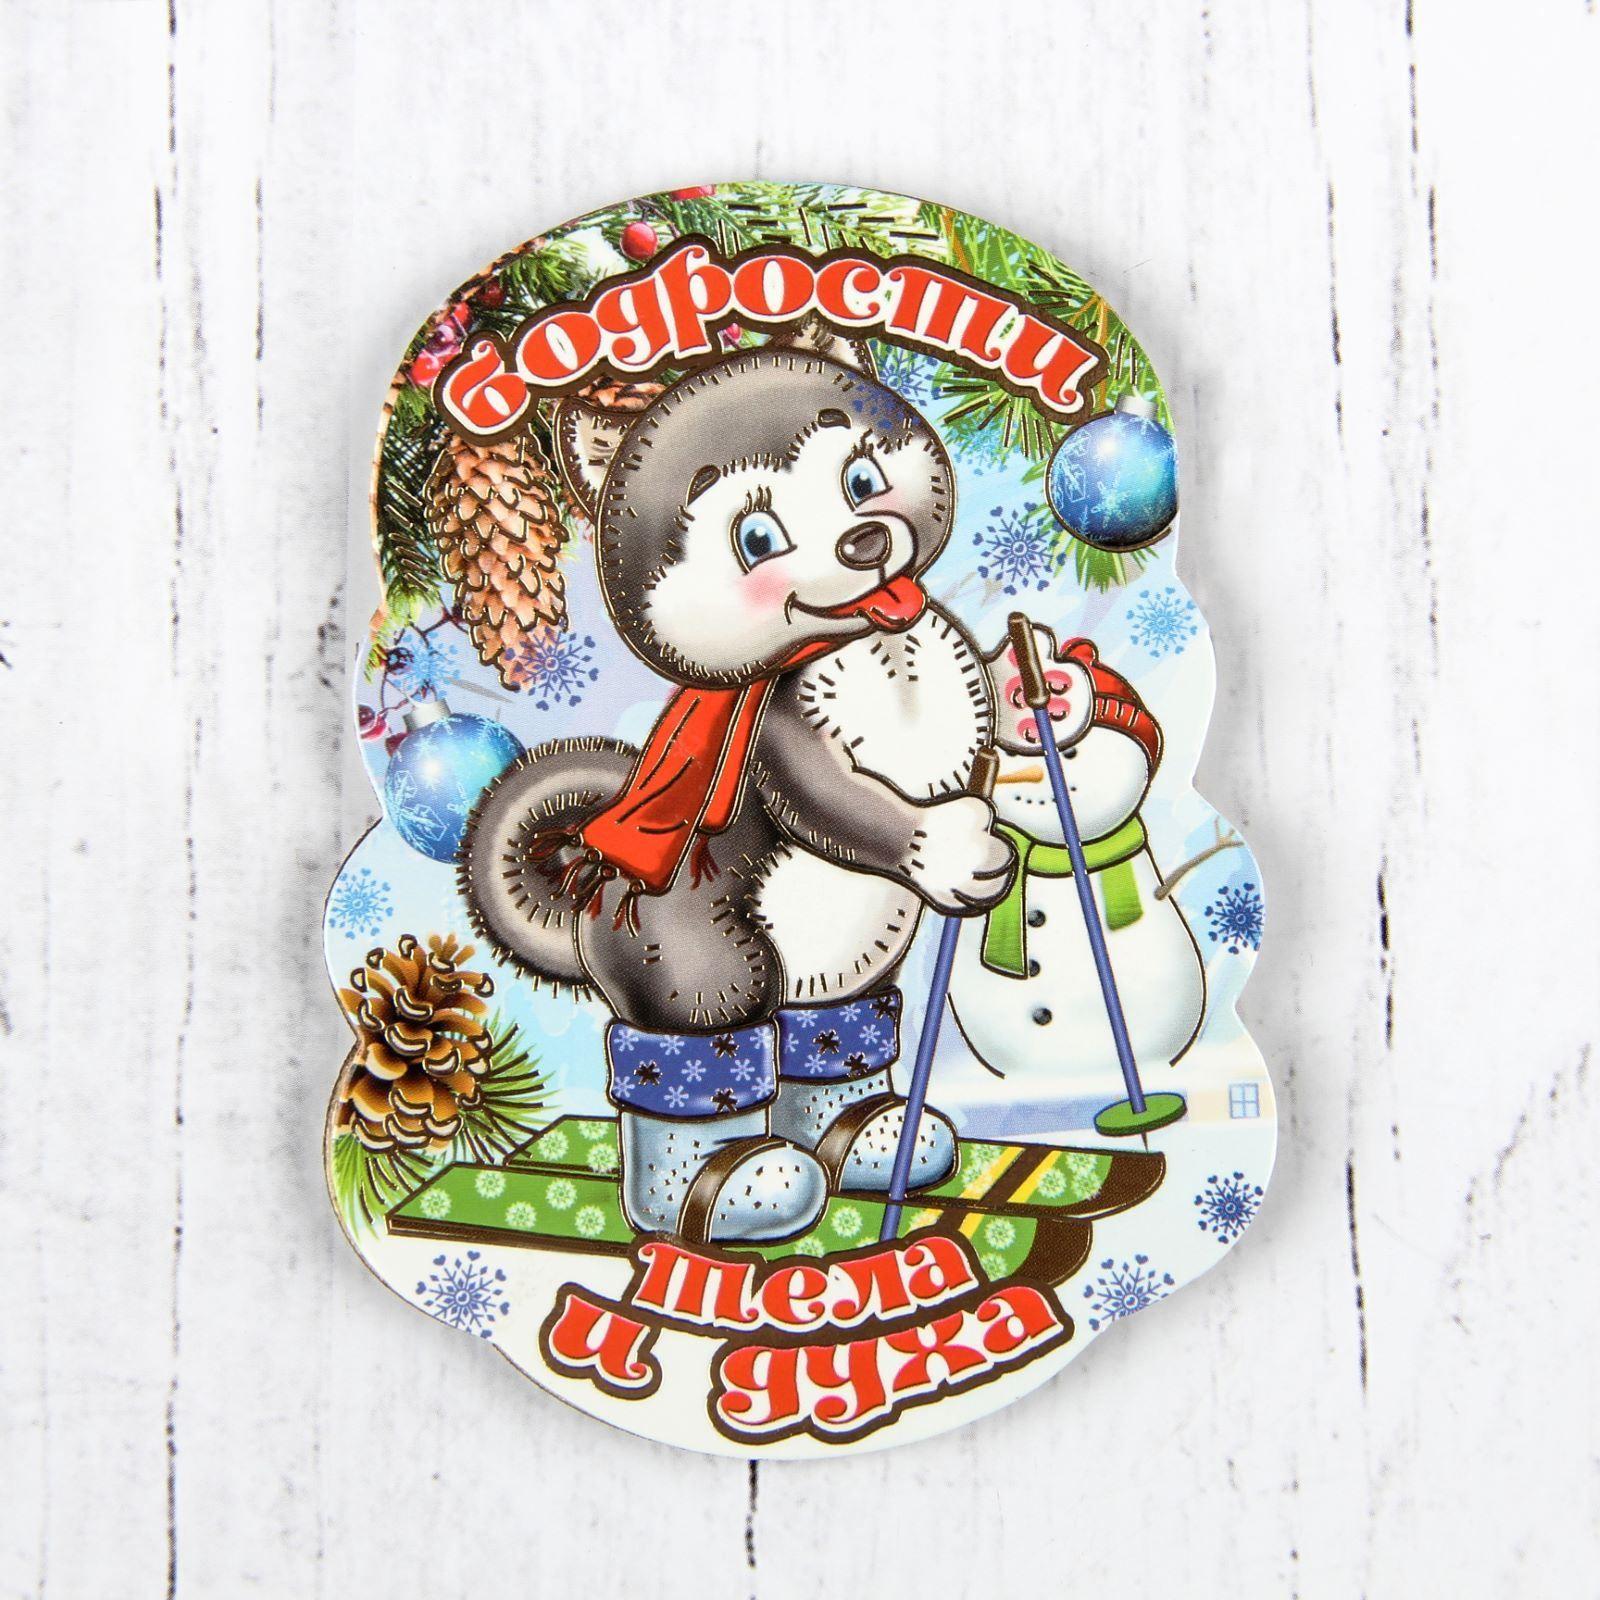 Магнит Sima-land Новогодний. 2018, 10 х 7,5 см. 25323992532399Порадуйте родных и близких оригинальным сувениром: преподнесите в подарок магнит. С ним даже самый серьёзный человек почувствует себя ребёнком, ожидающим чудо! Создайте праздничное настроение, и оно останется с вами на весь год.